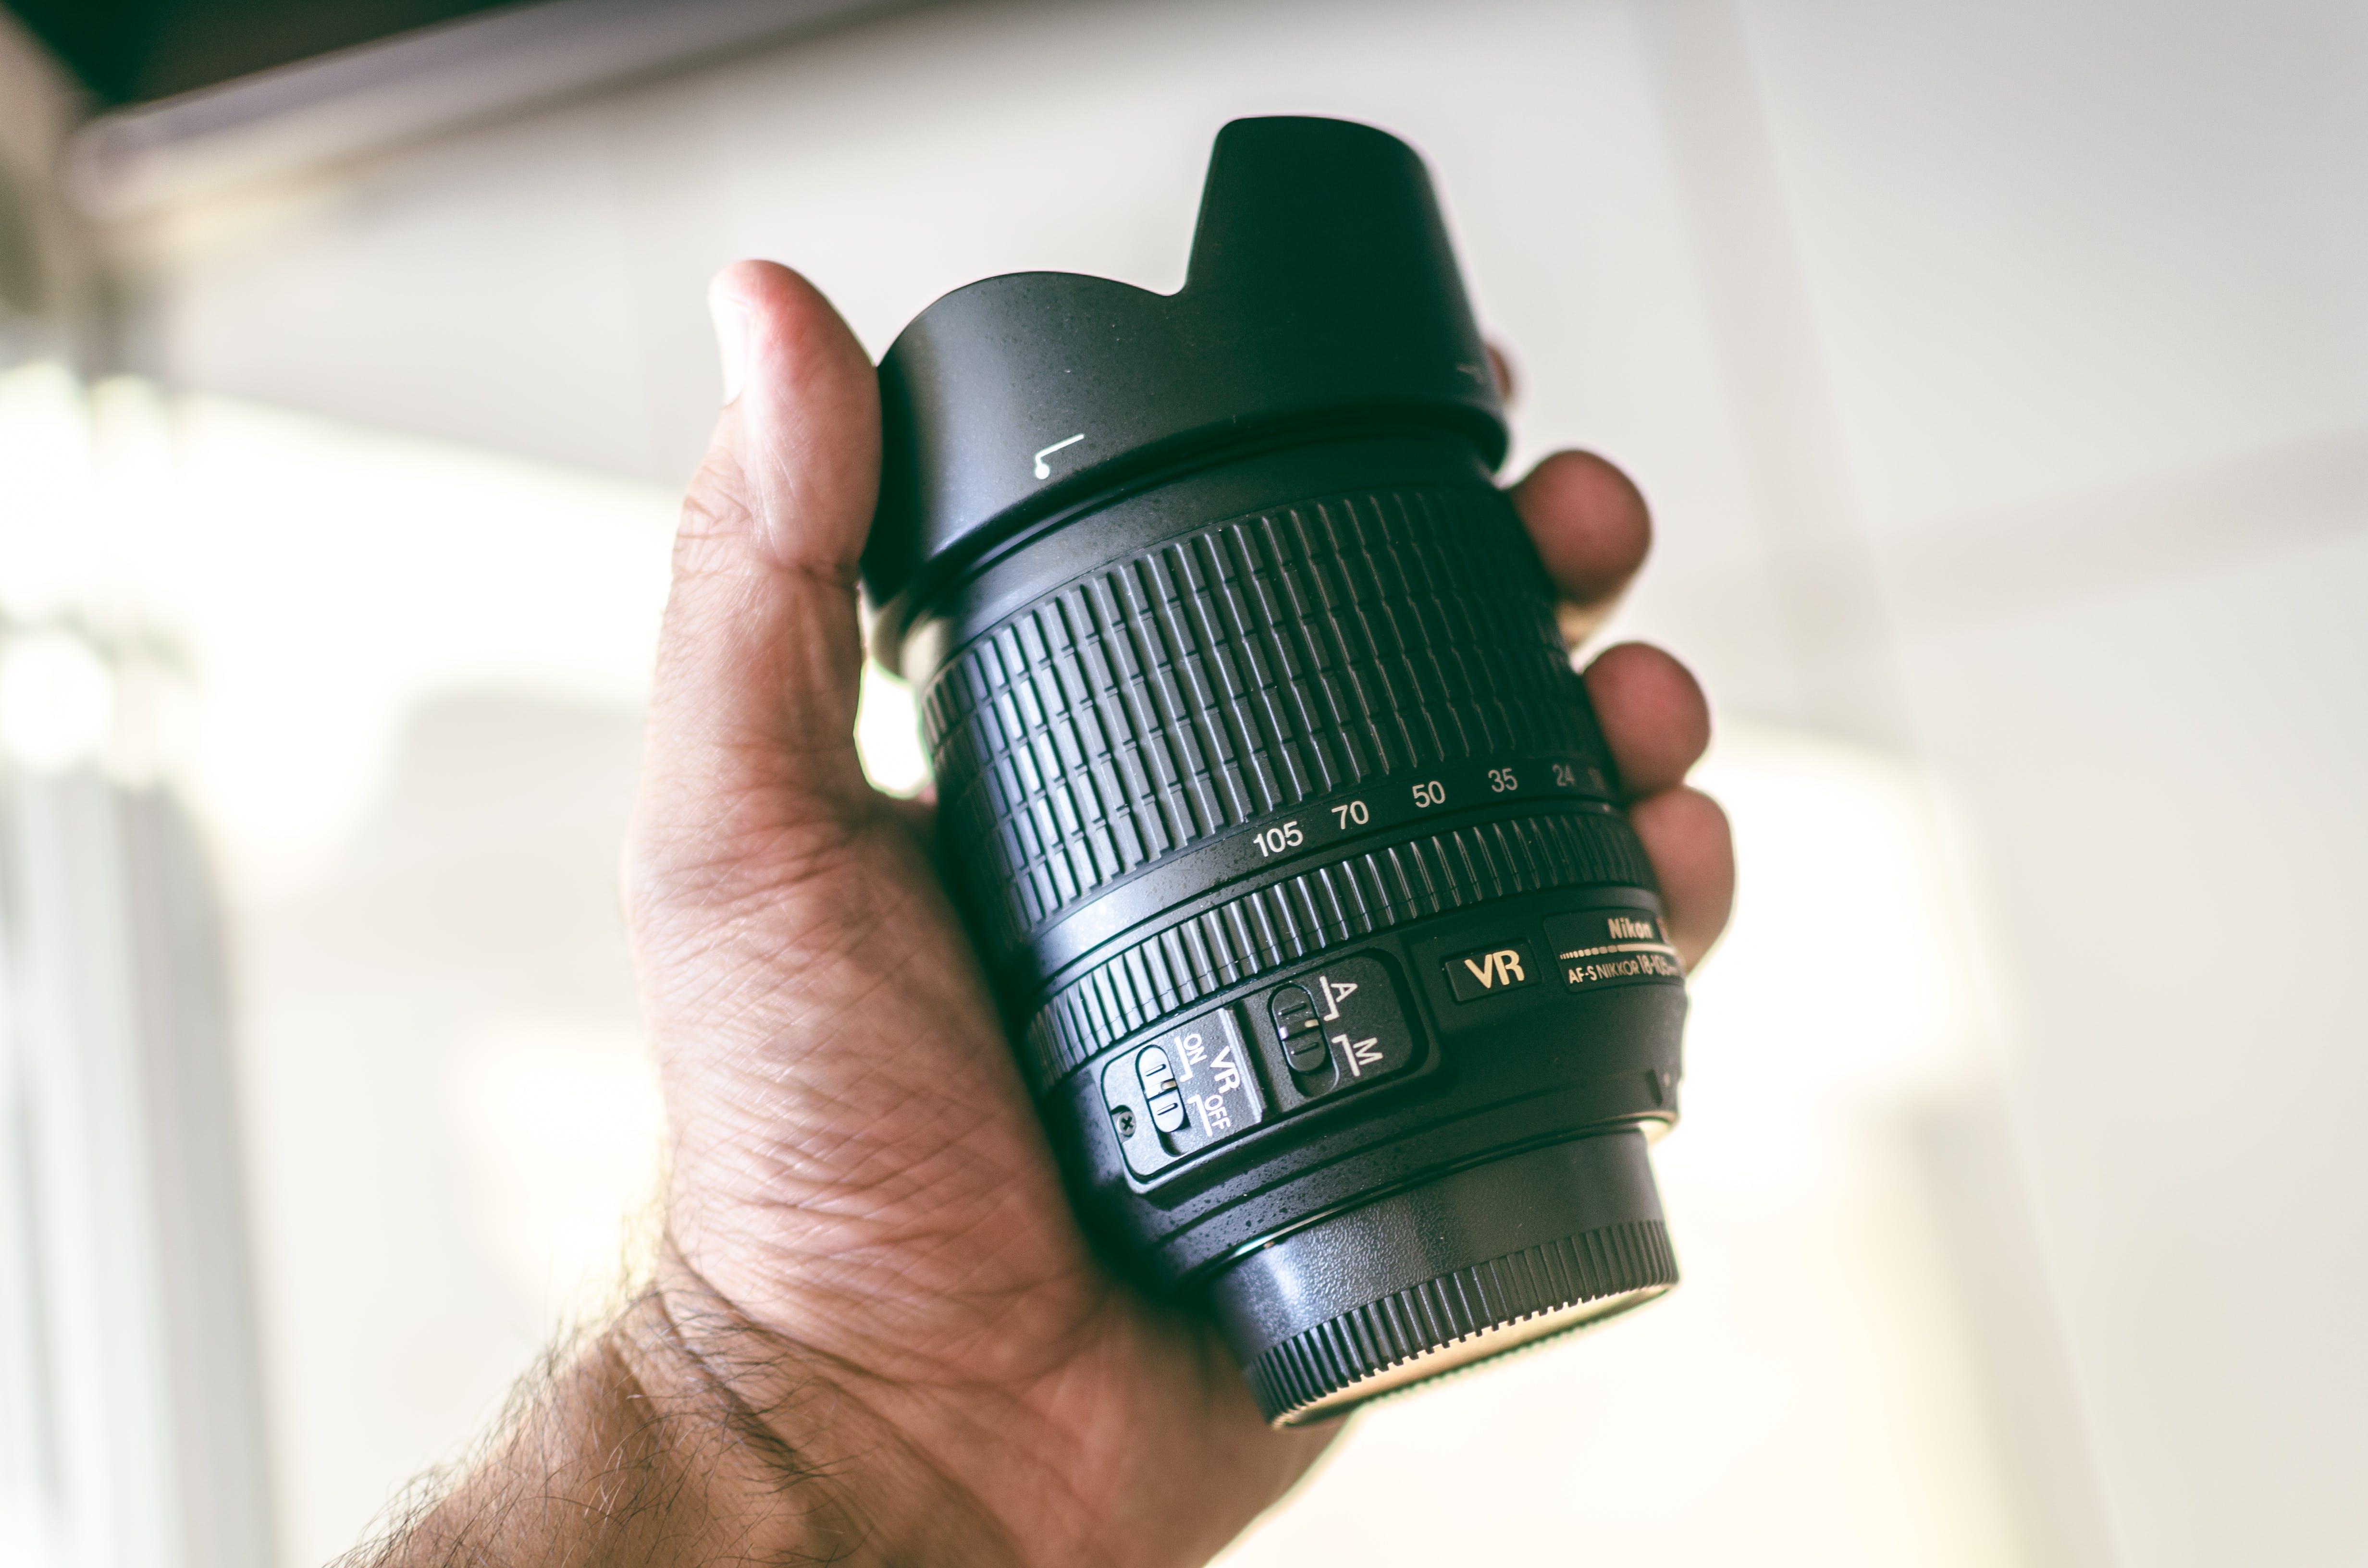 カメラ, カメラレンズ, ニコン, ハンドの無料の写真素材